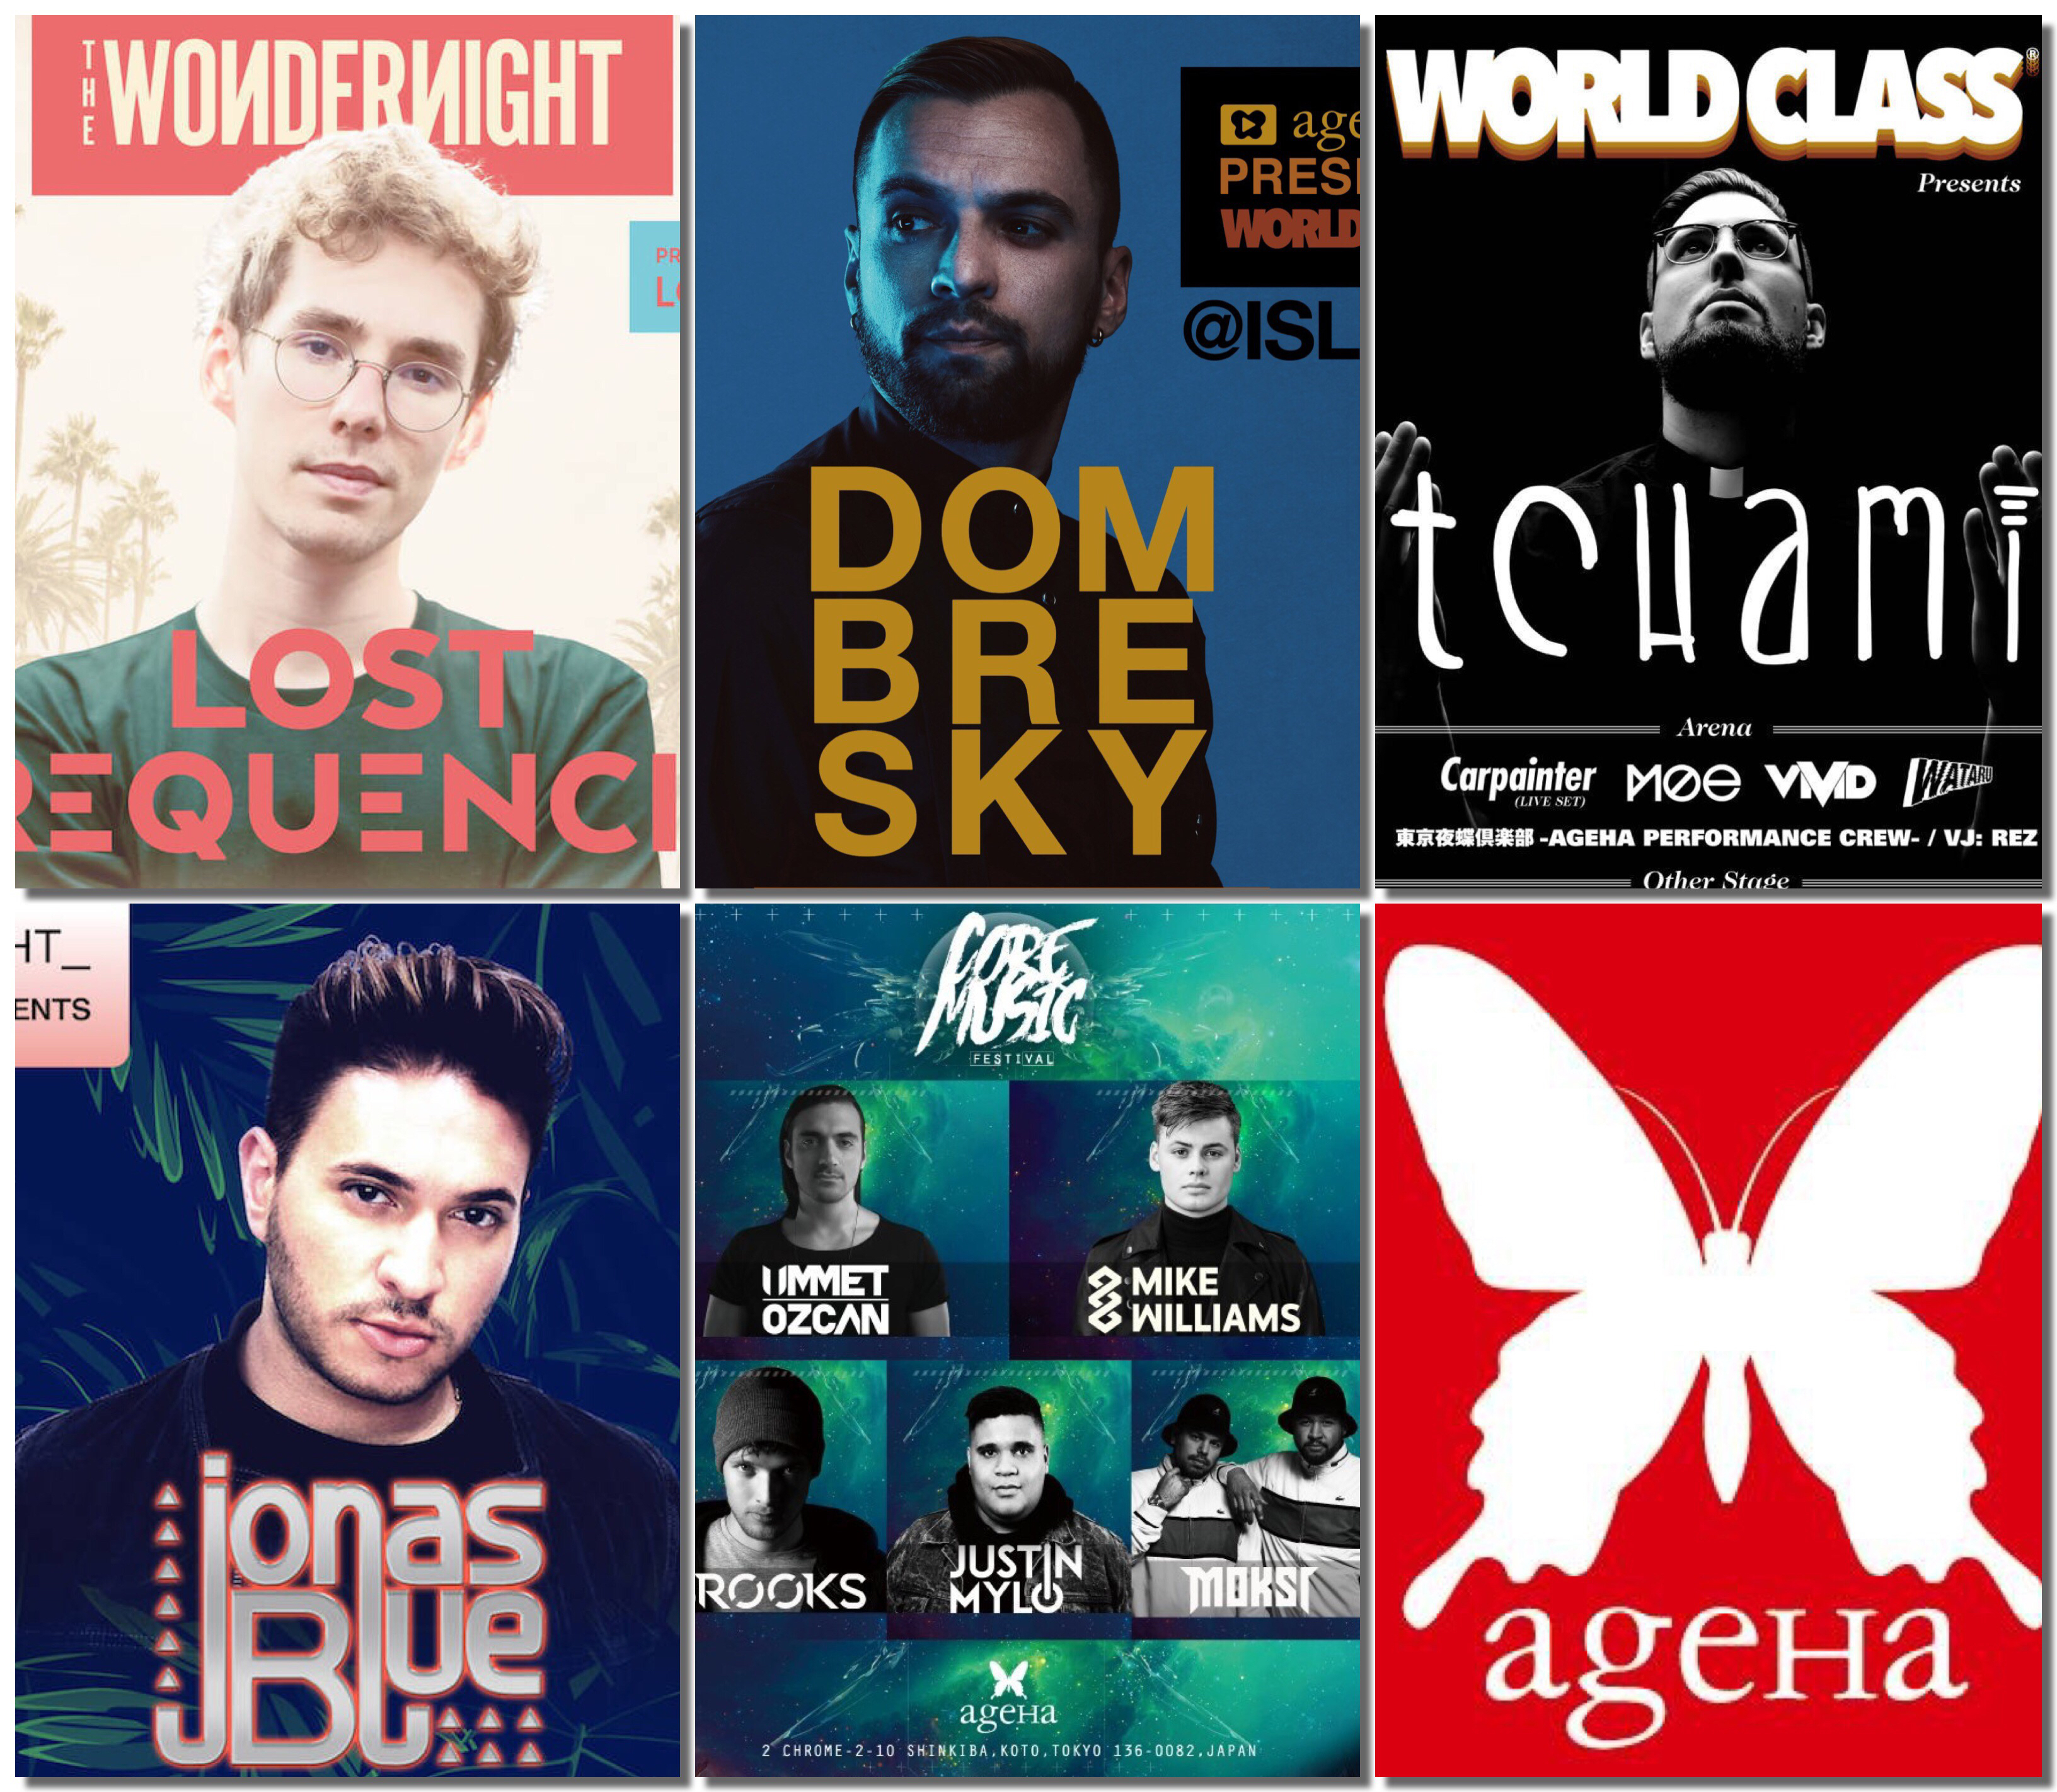 4月のageHaはハウスミュージック尽くめ!Lost FrequenciesにDOMBRESKY、Tchami、Jonas Blueまで出演!